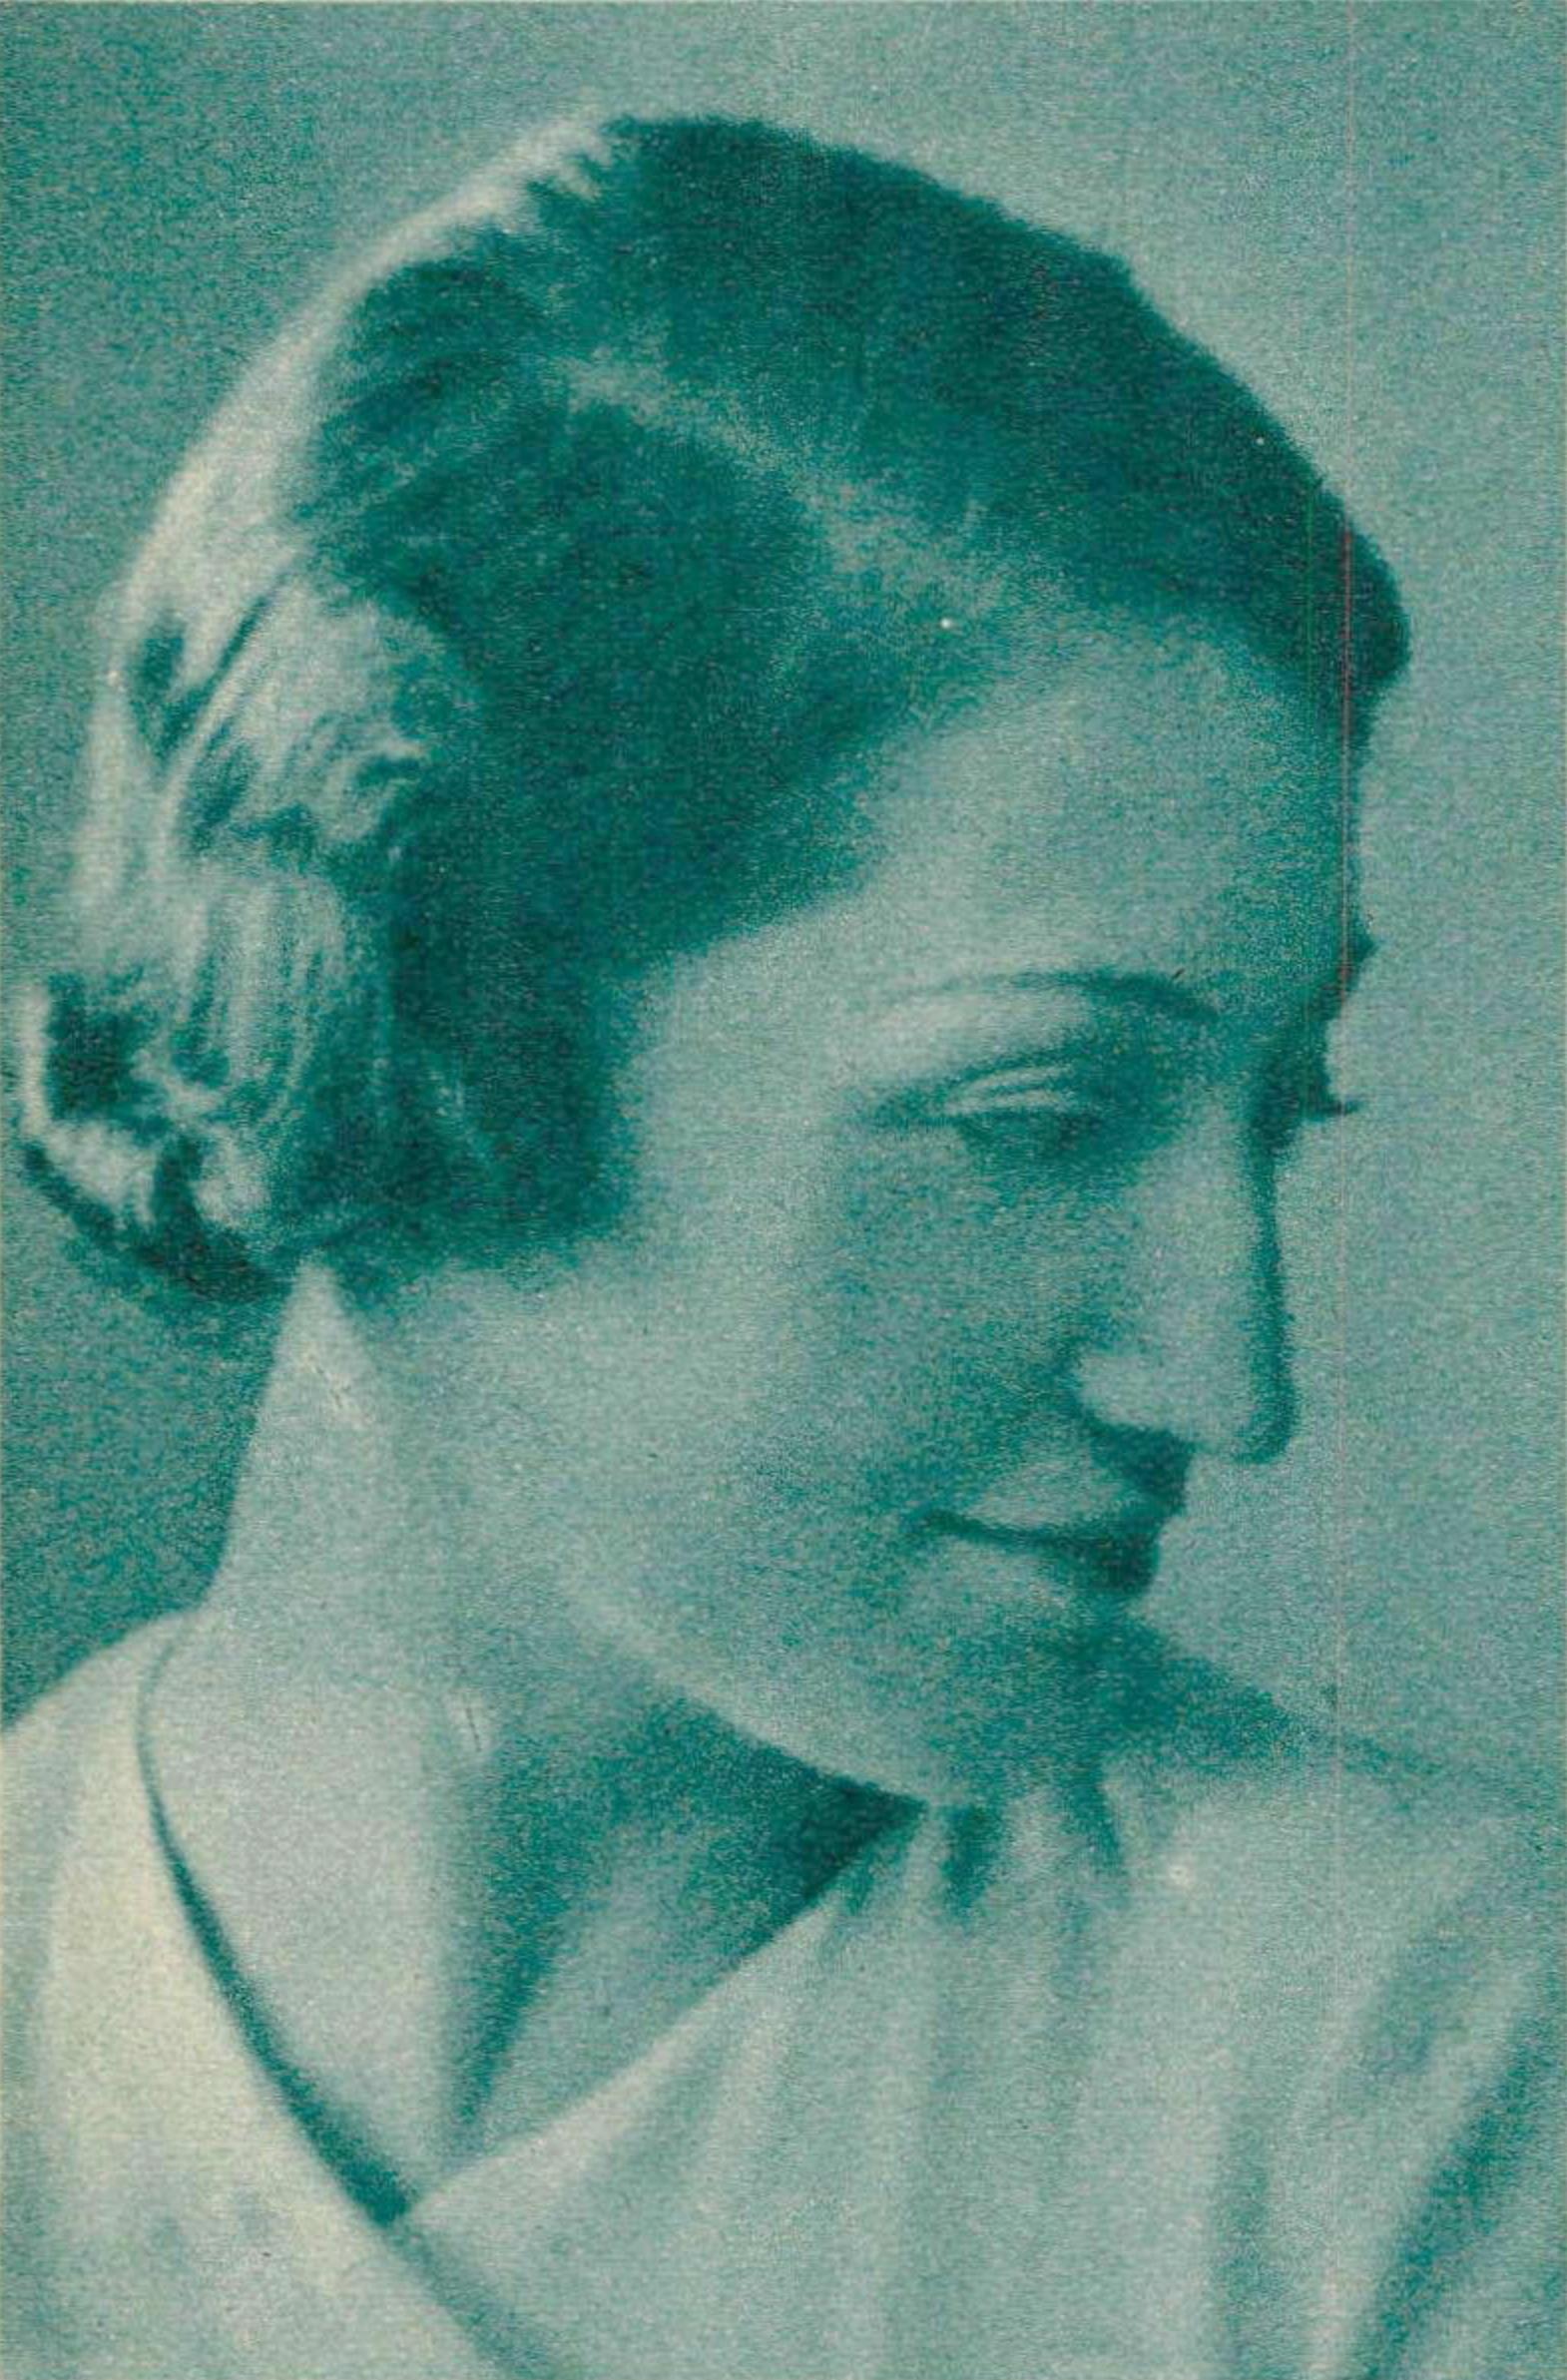 Jacqueline BLANCARD au début des années 1930, publié entre autres dans la revue Le Radio du 3 avril 1936 en page 638